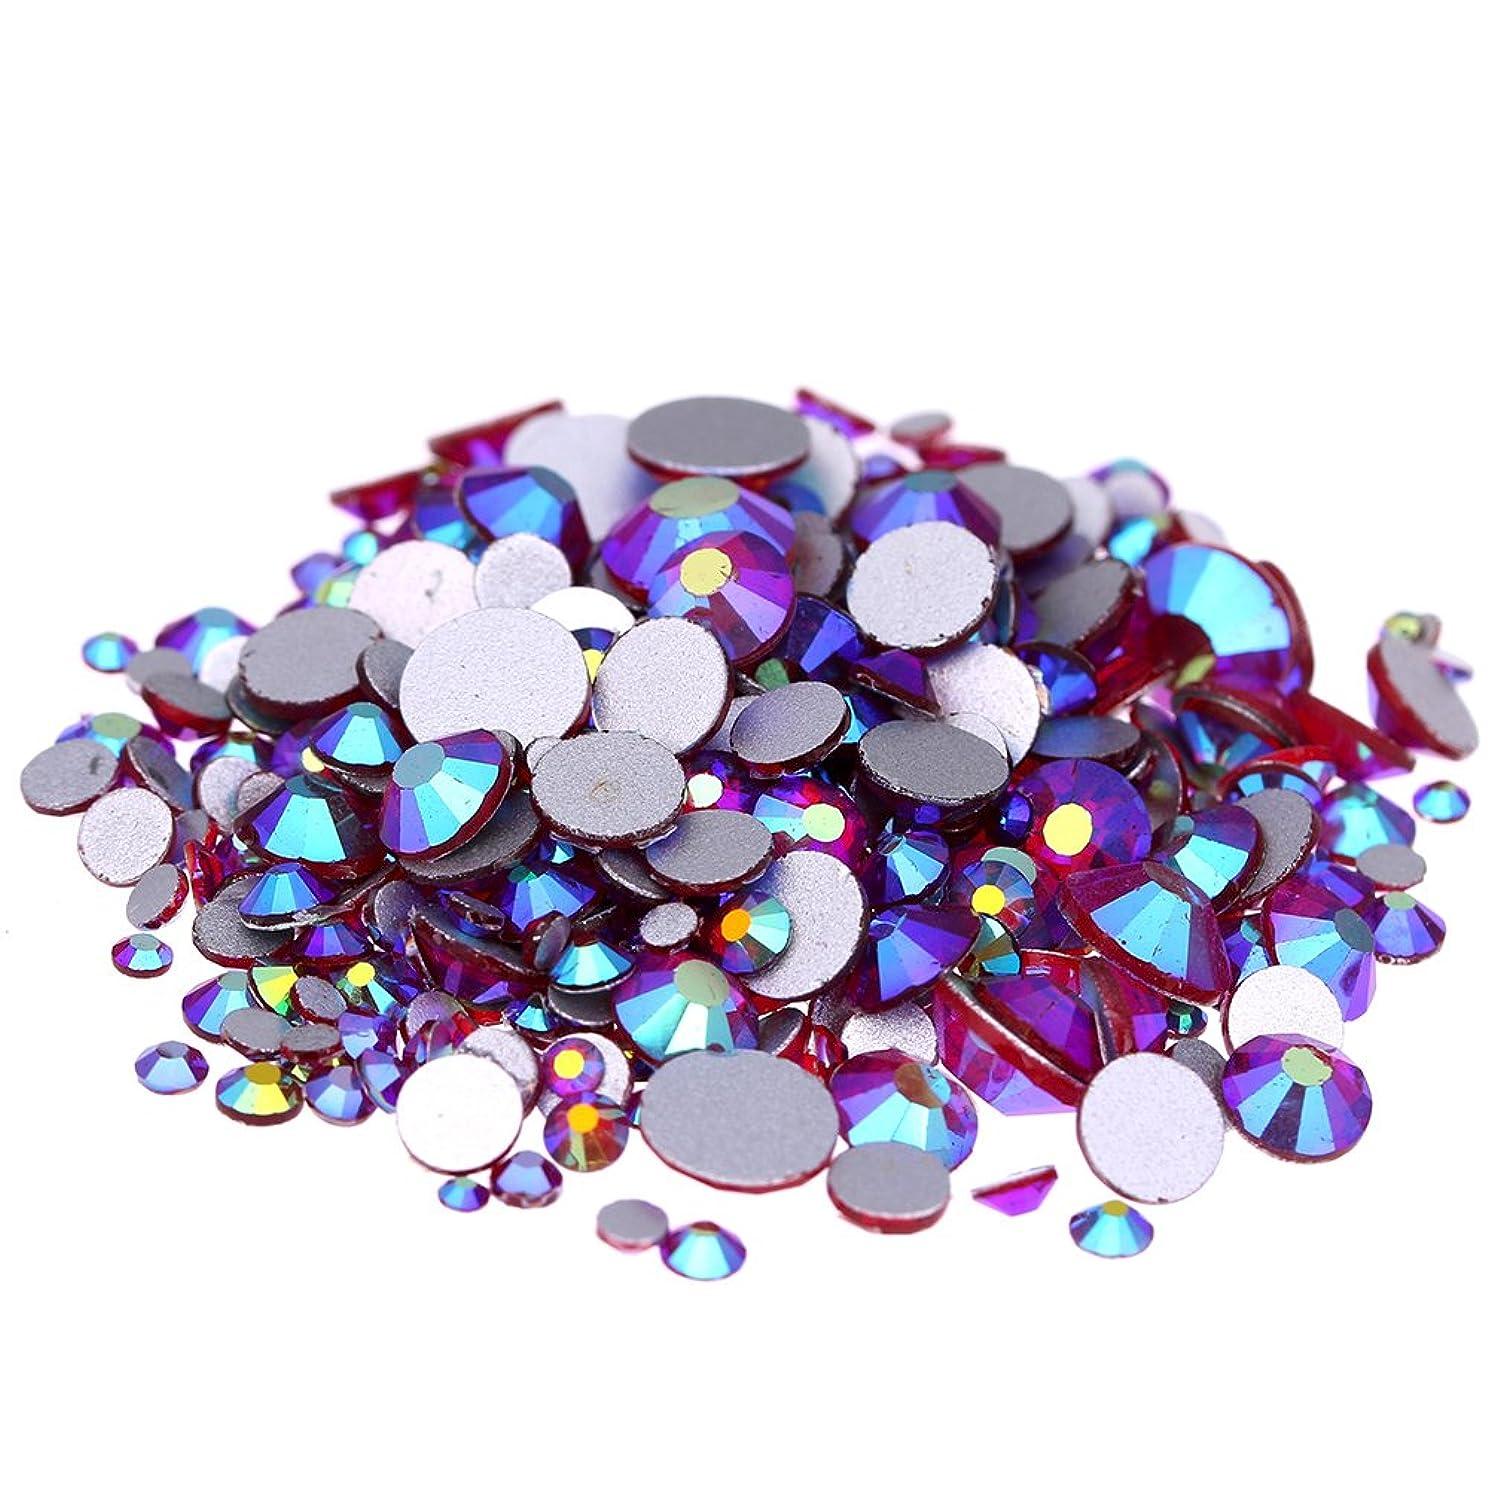 偶然間に合わせ二週間Nizi ジュエリー ブランド シャムオーロラ ラインストーン は ガラスの材質 ネイル使用 型番ss3-ss30 (SS20 1440pcs)